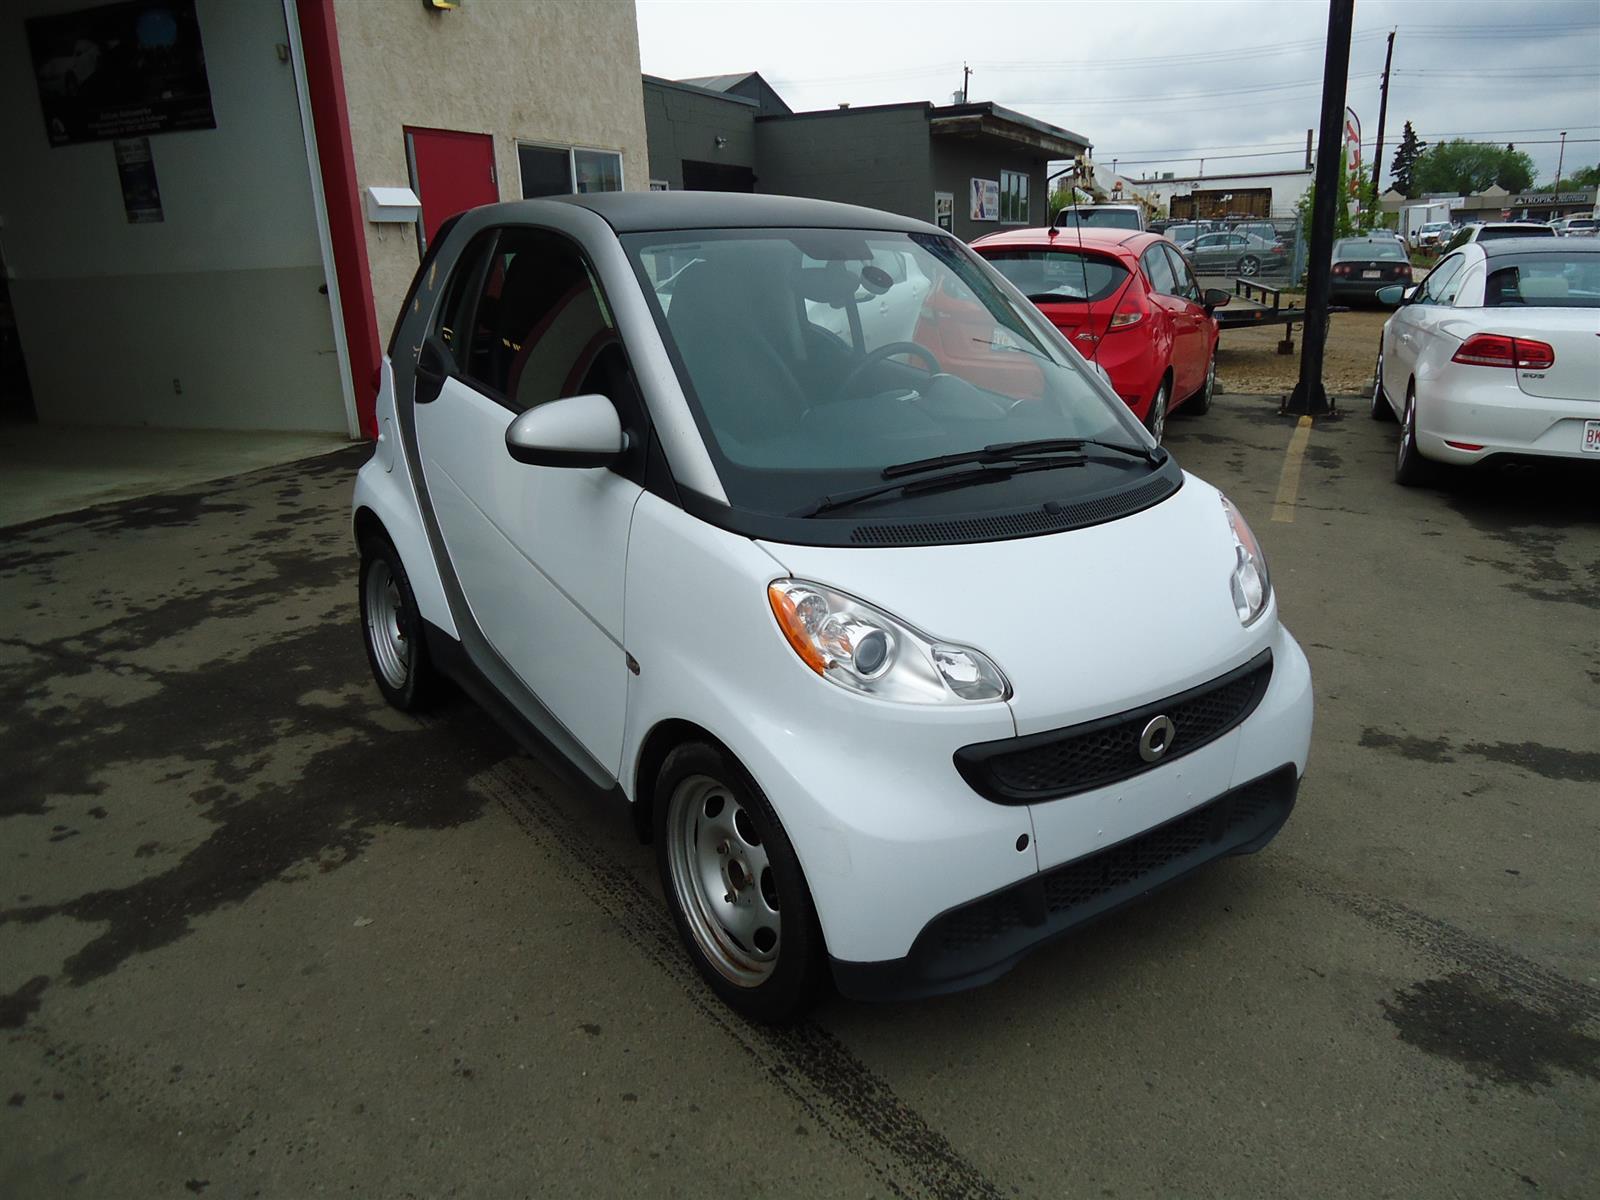 Elmwood Car Sales Edmonton Alberta